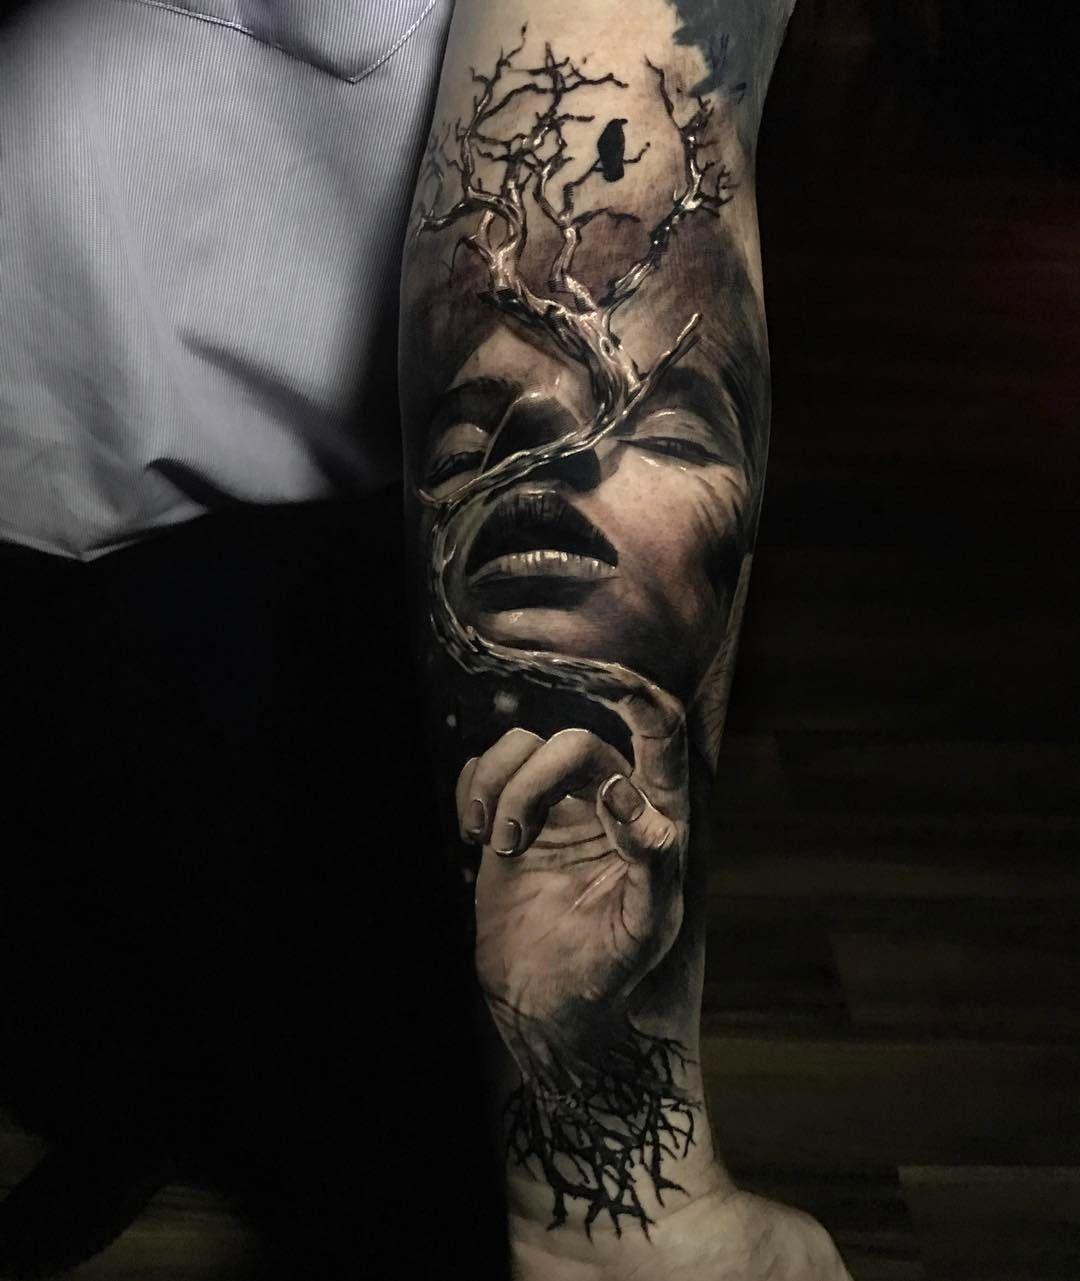 Tattoo Artist Jak Connolly Blackgrey Realistic Tattoo реализм